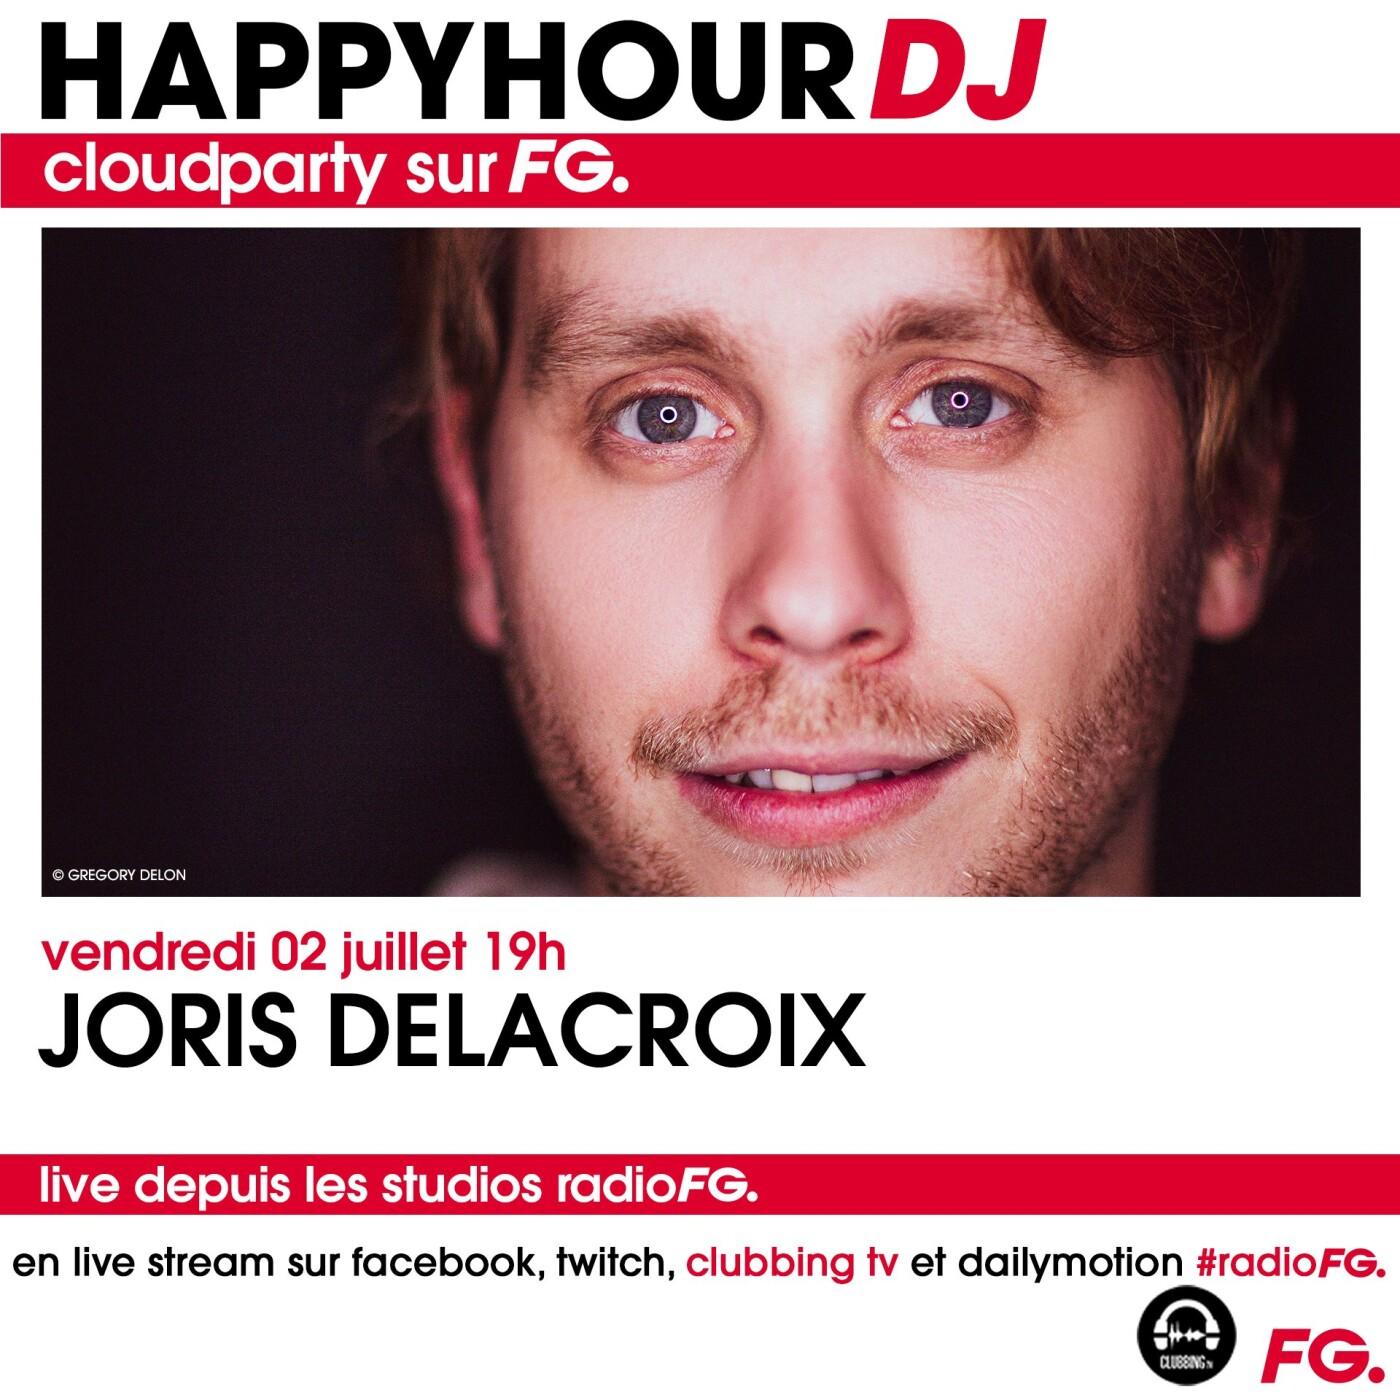 HAPPY HOUR DJ : JORIS DELACROIX